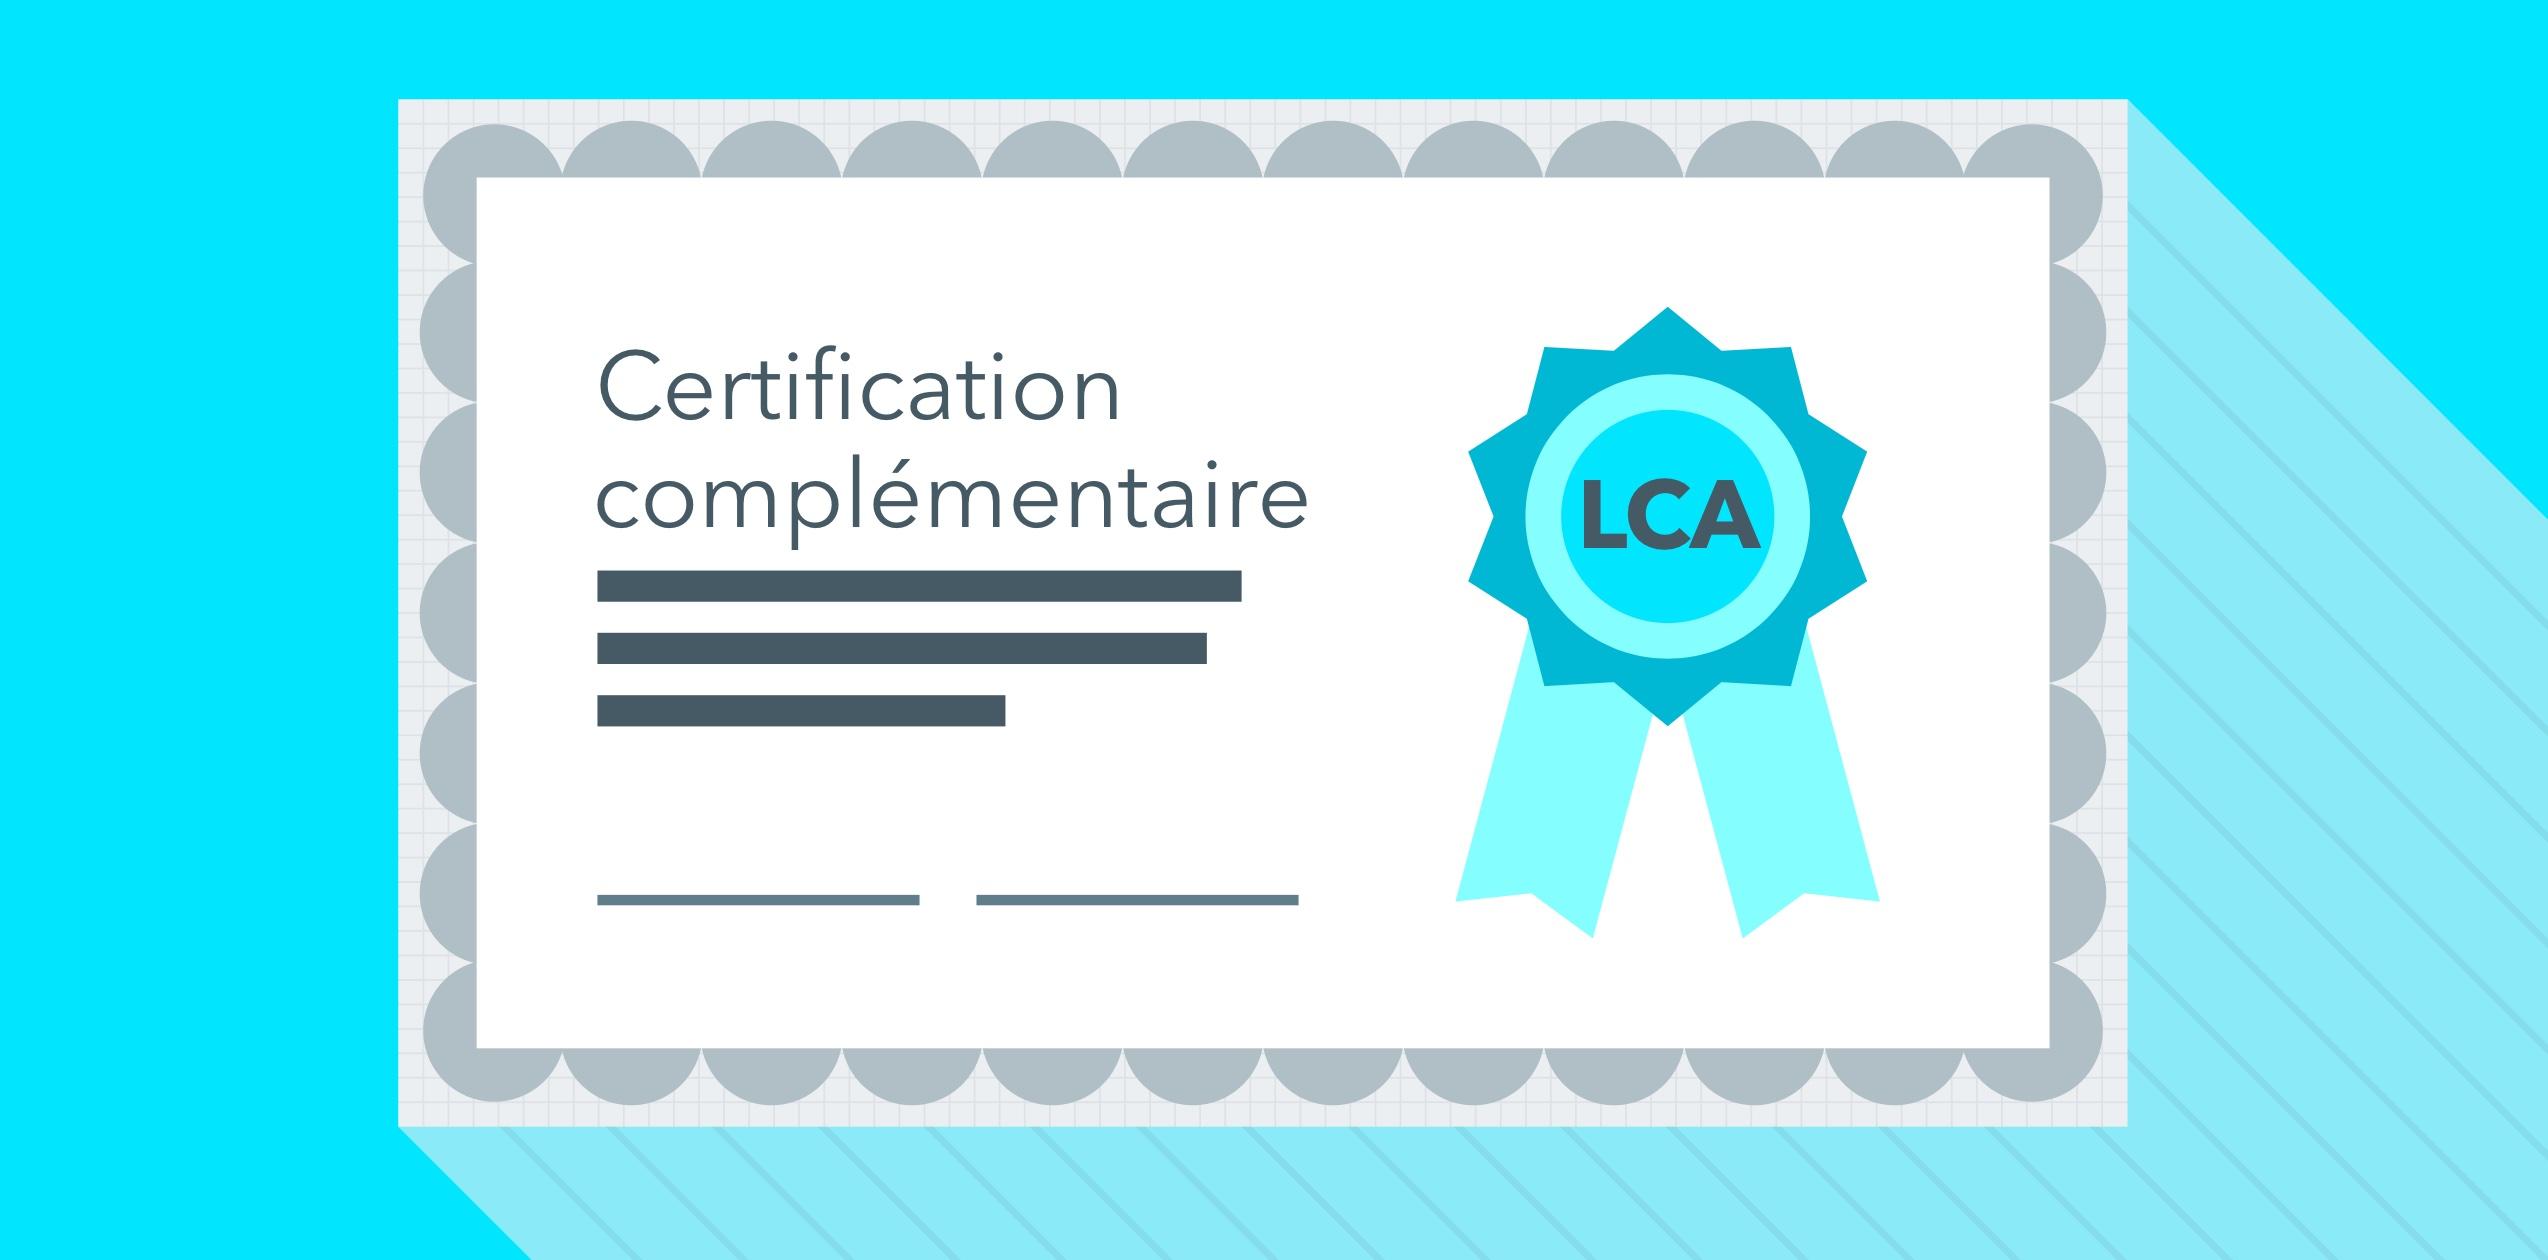 Pourquoi Une Certification Complmentaire Lca Mj Arrte Ton Char